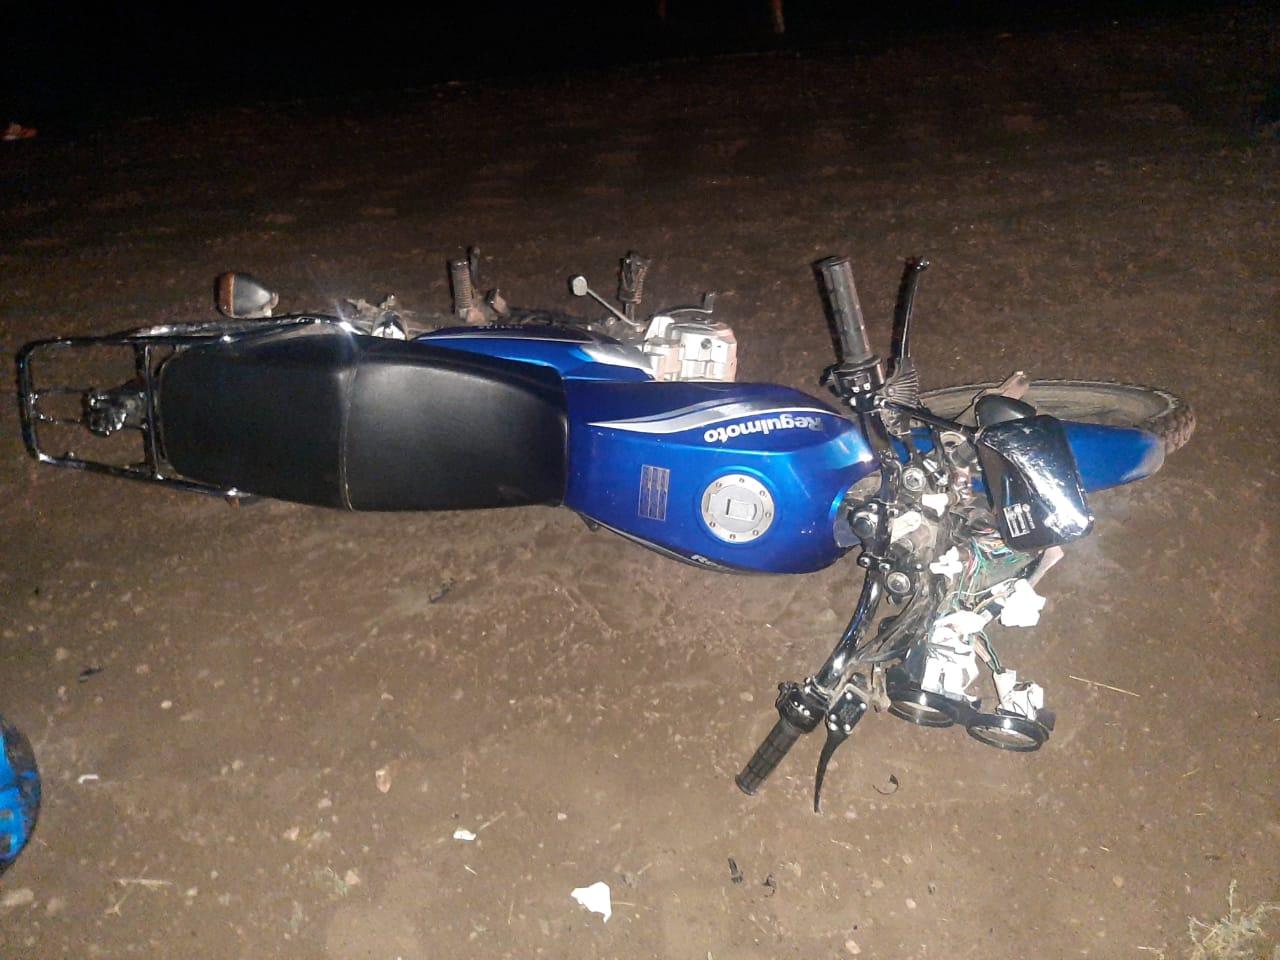 В Таттинском районе Якутии несовершеннолетний мотоциклист сбил насмерть пешехода